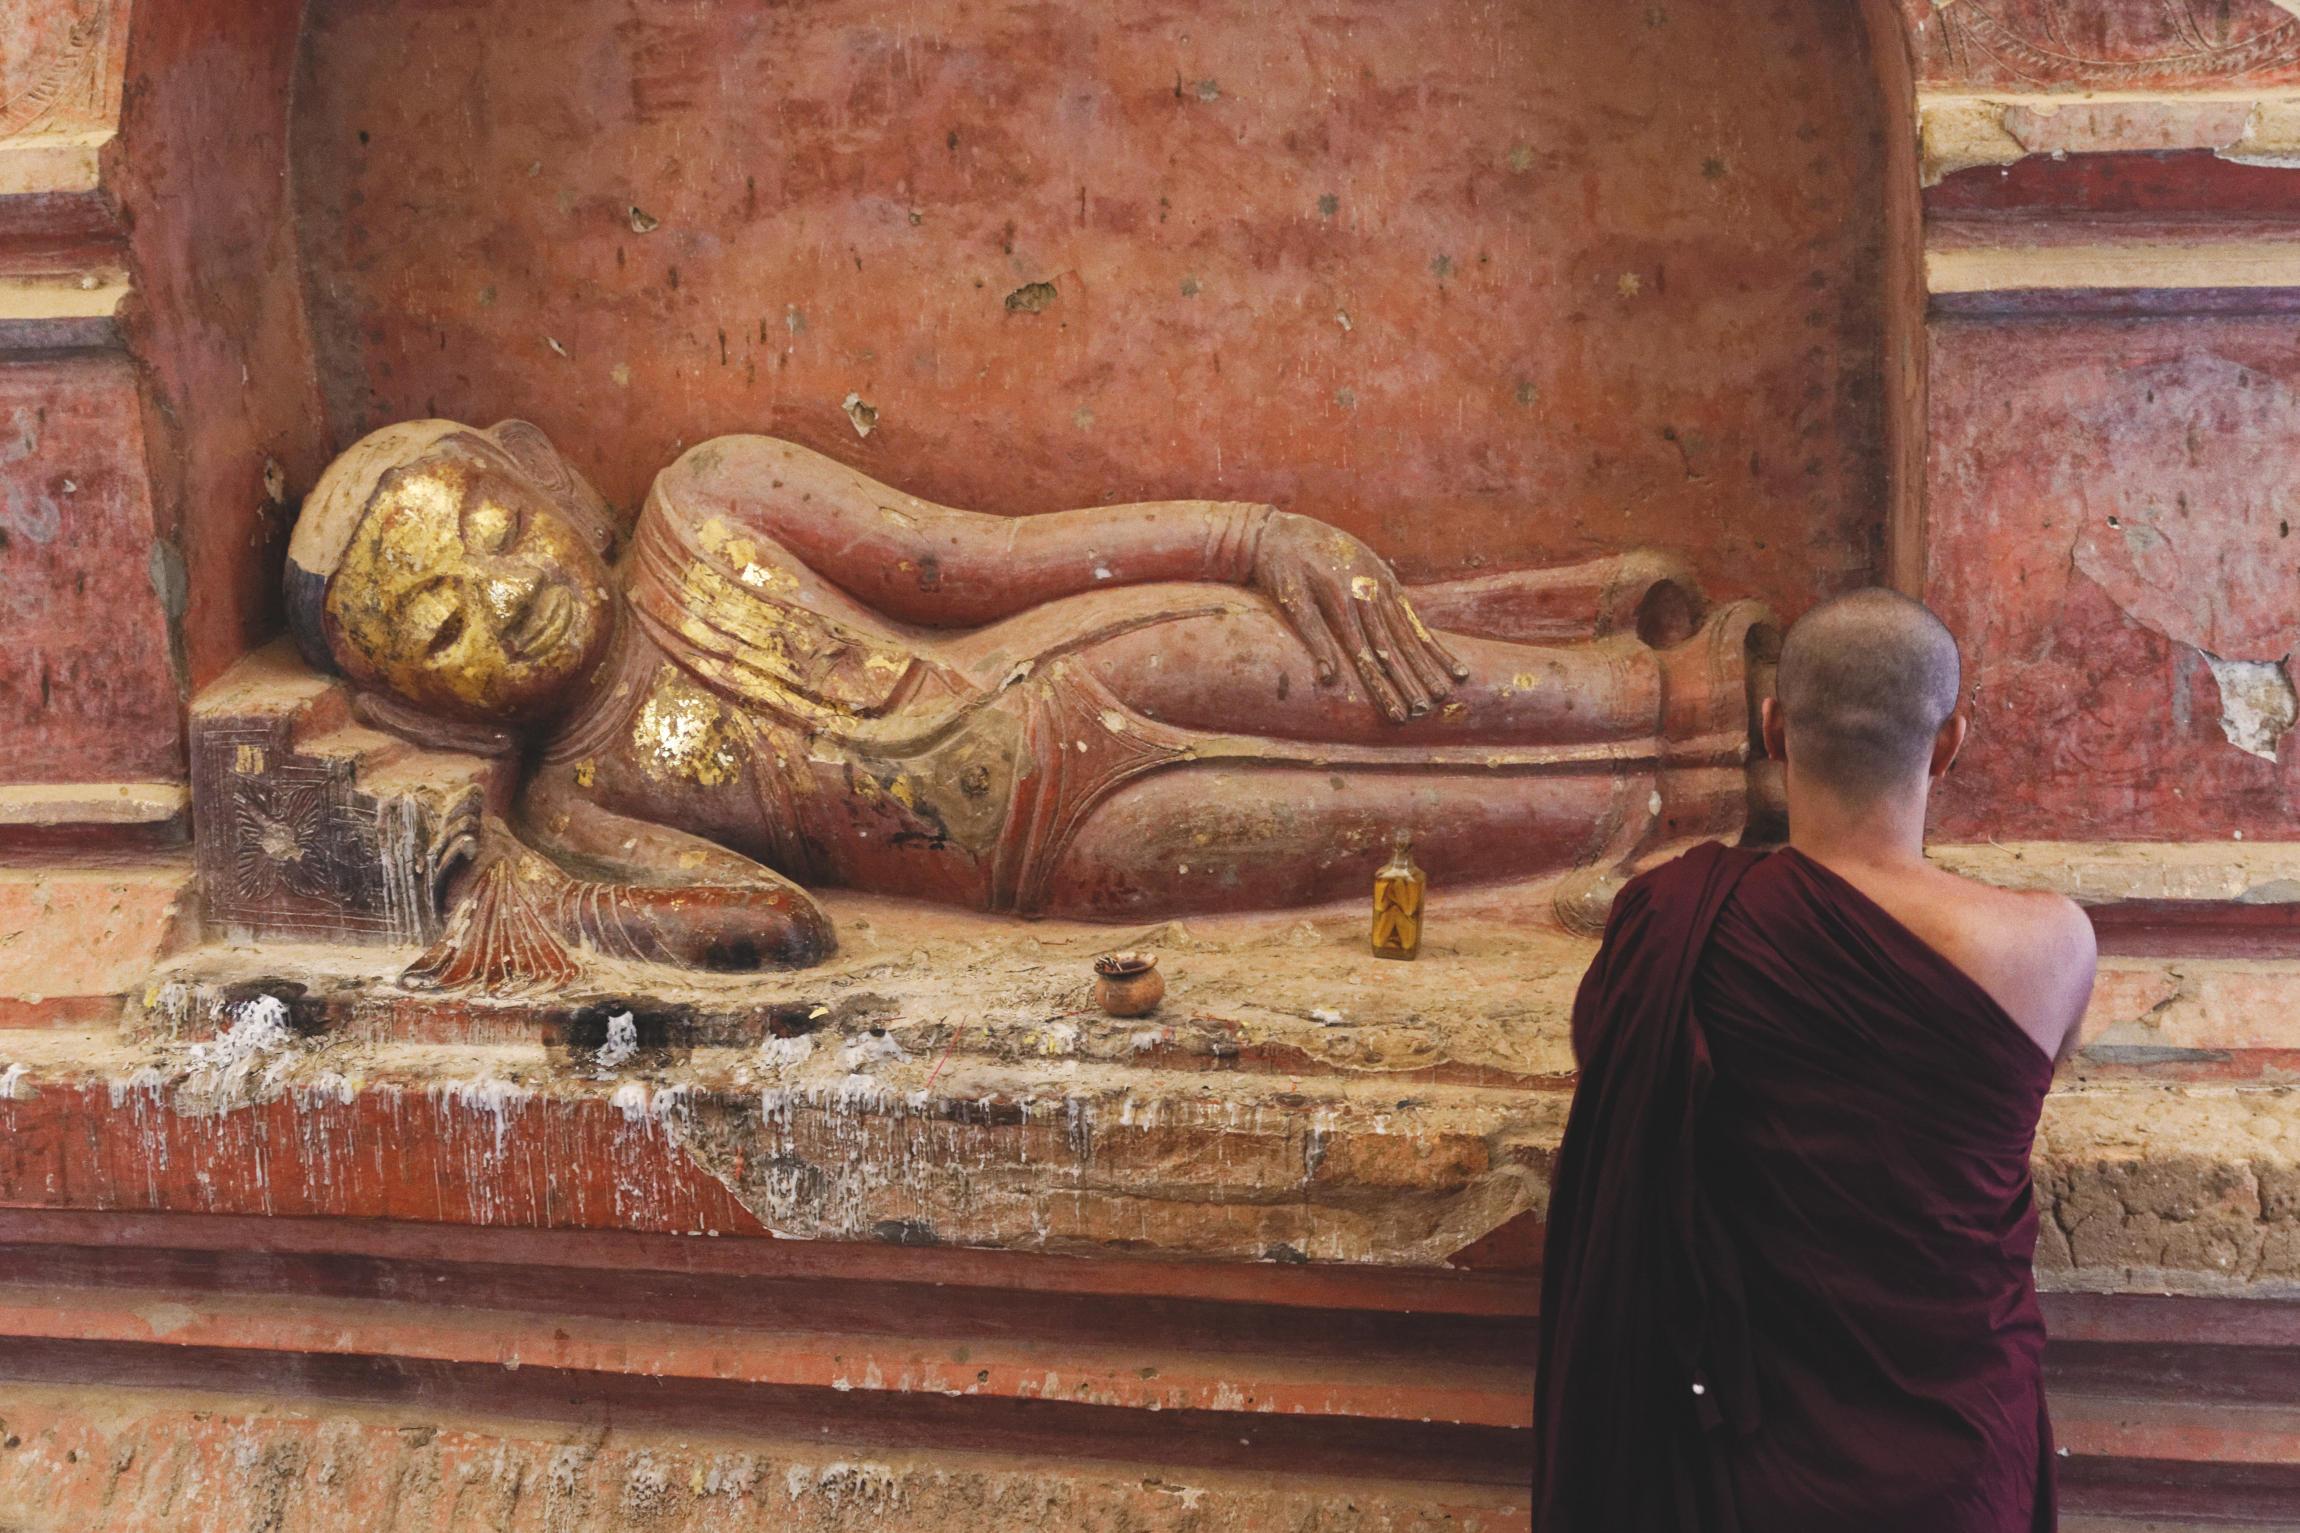 Bonze en train de prier devant une sculpture de Bouddha Bagan